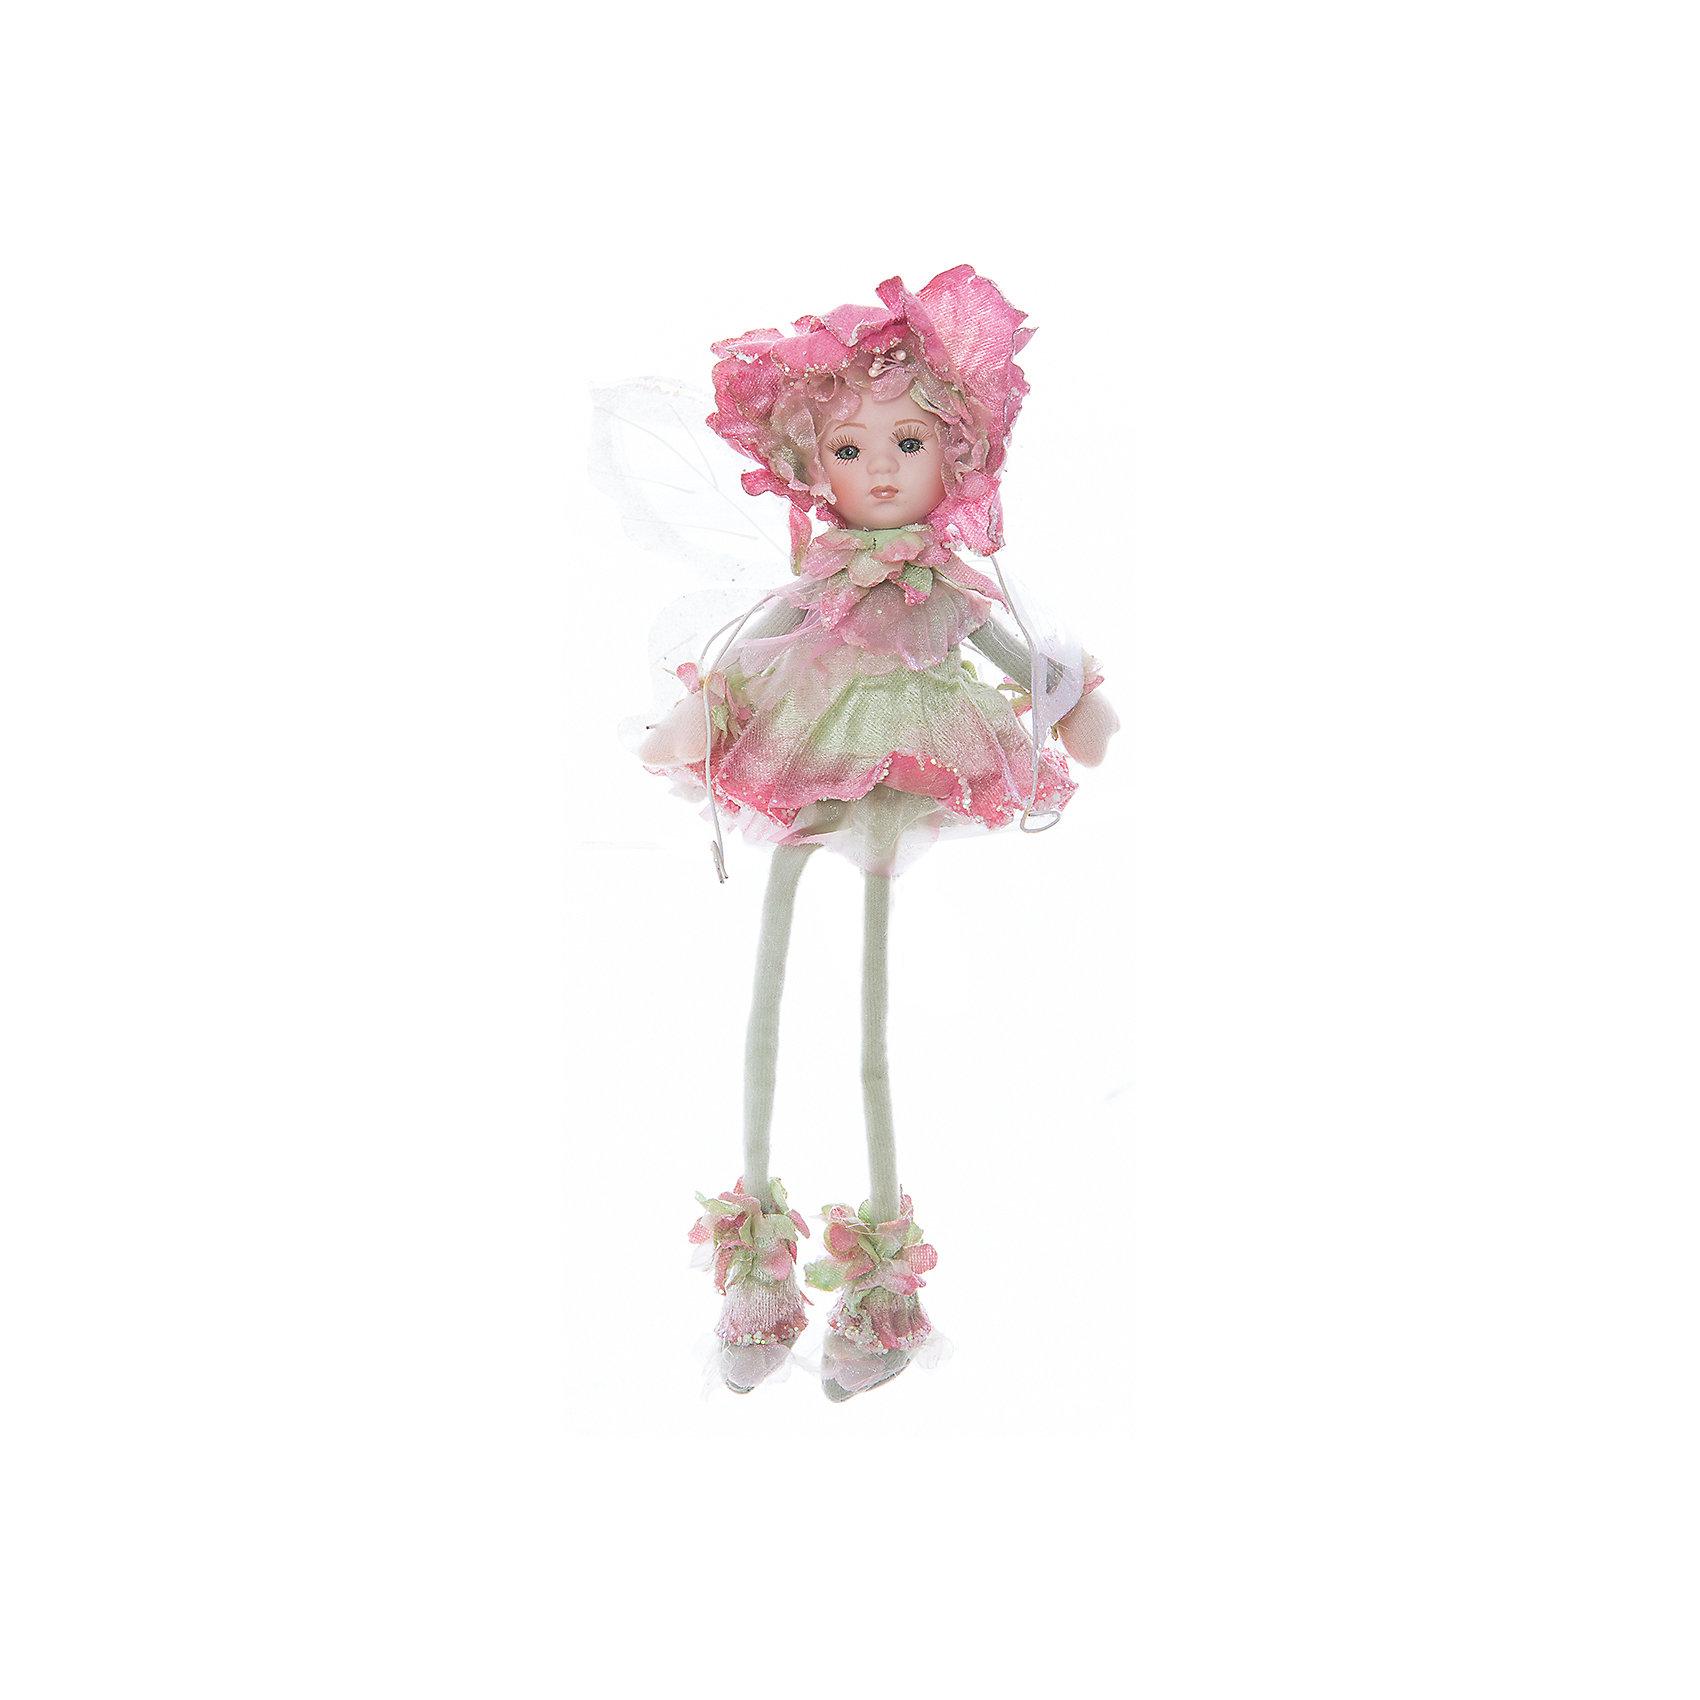 Интерьерная кукла Фея C21-128283, EstroХарактеристики интерьерной куклы:<br><br>- размеры: 25*12*8 см. <br>- тип игрушки: животные, мягкая игрушка<br>- персонаж: сова<br>- вид упаковки: коробка<br>- возрастные ограничения: 3+<br>- комплектация: игрушка <br>- состав: полиэстер, полиэфир<br>- материал изготовления: высококачественный пластик, полиэстер, ткань<br>- стиль: классический, прованс<br>- бренд: Estro <br>- страна бренда: Италия<br>- страна производитель: Китай<br><br>Модная кукла фея итальянской торговой марки Estro будет прекрасным выбором для домашней коллекции. Ее внешний вид тщательно проработан, все элементы тщательно подогнаны и замечательно подходят друг к другу. Интерьерная кукла фея будет хорошей находкой для себя или презентом для подруги. Модель сделана из сырья отличного качества красивой палитры. <br><br>Интерьерную куклу фея итальянской торговой марки Estro можно купить в нашем интернет-магазине.<br><br>Ширина мм: 150<br>Глубина мм: 150<br>Высота мм: 300<br>Вес г: 139<br>Возраст от месяцев: 36<br>Возраст до месяцев: 1188<br>Пол: Женский<br>Возраст: Детский<br>SKU: 5356634